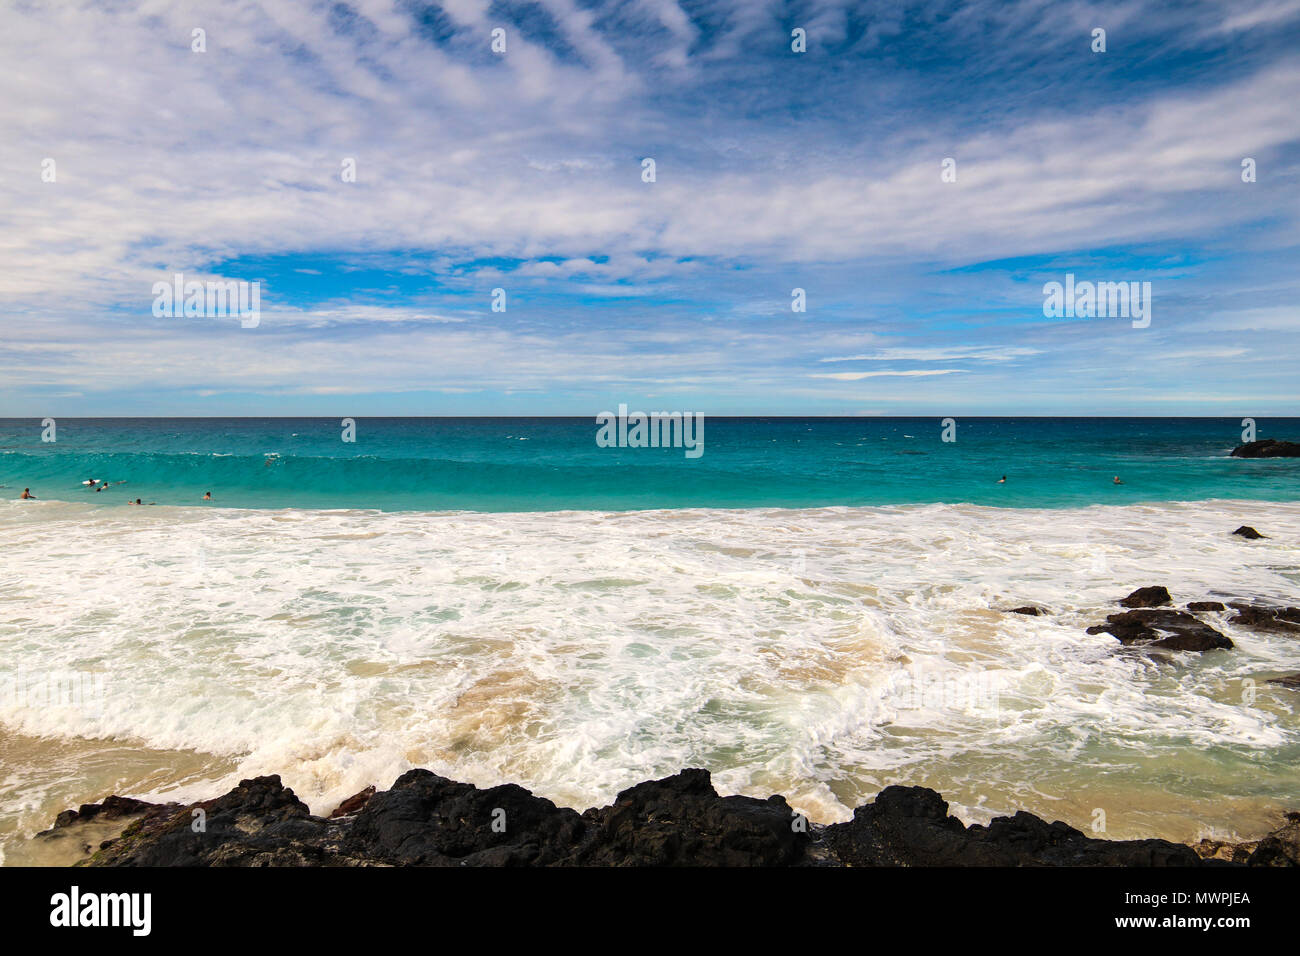 Eine der schönsten und am besten bewerteten Strände der Welt - Wailea Beach, Maui, Hawaii, USA Stockbild